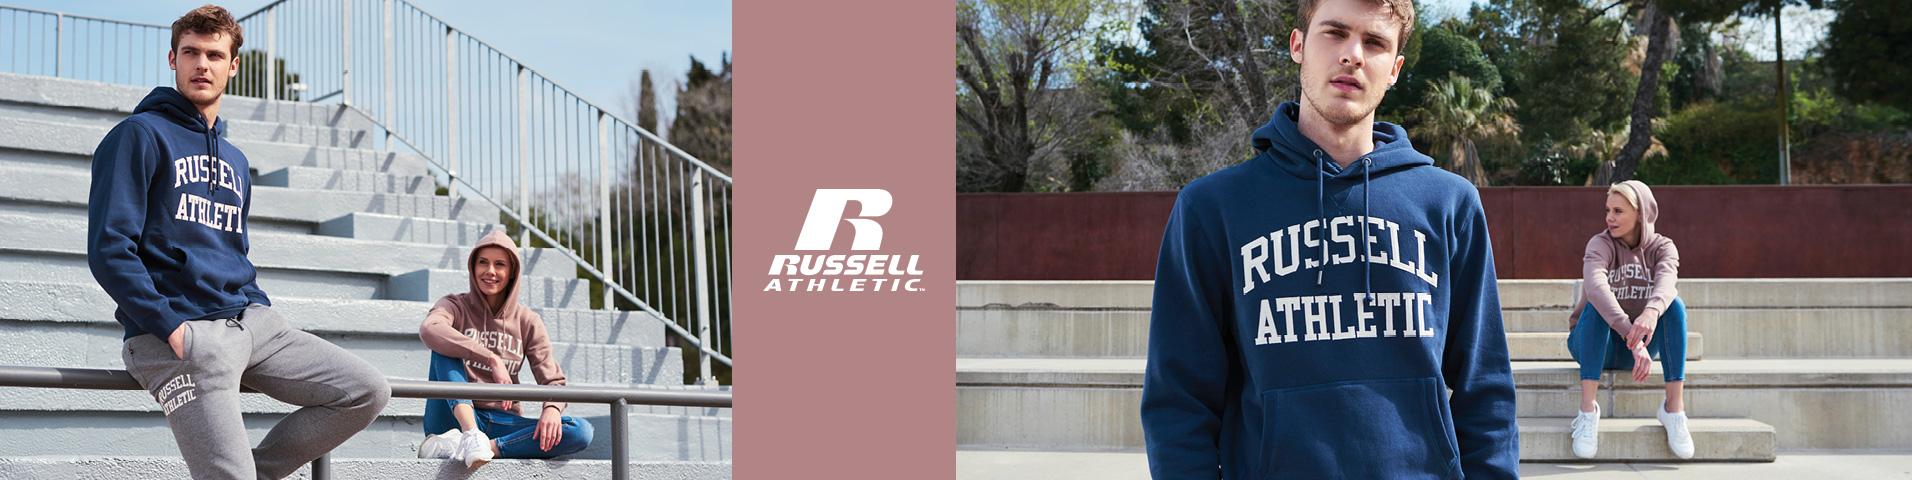 Ropa y zapatos online de Russell Athletic · HombreNiño 6ecb054ab60c0